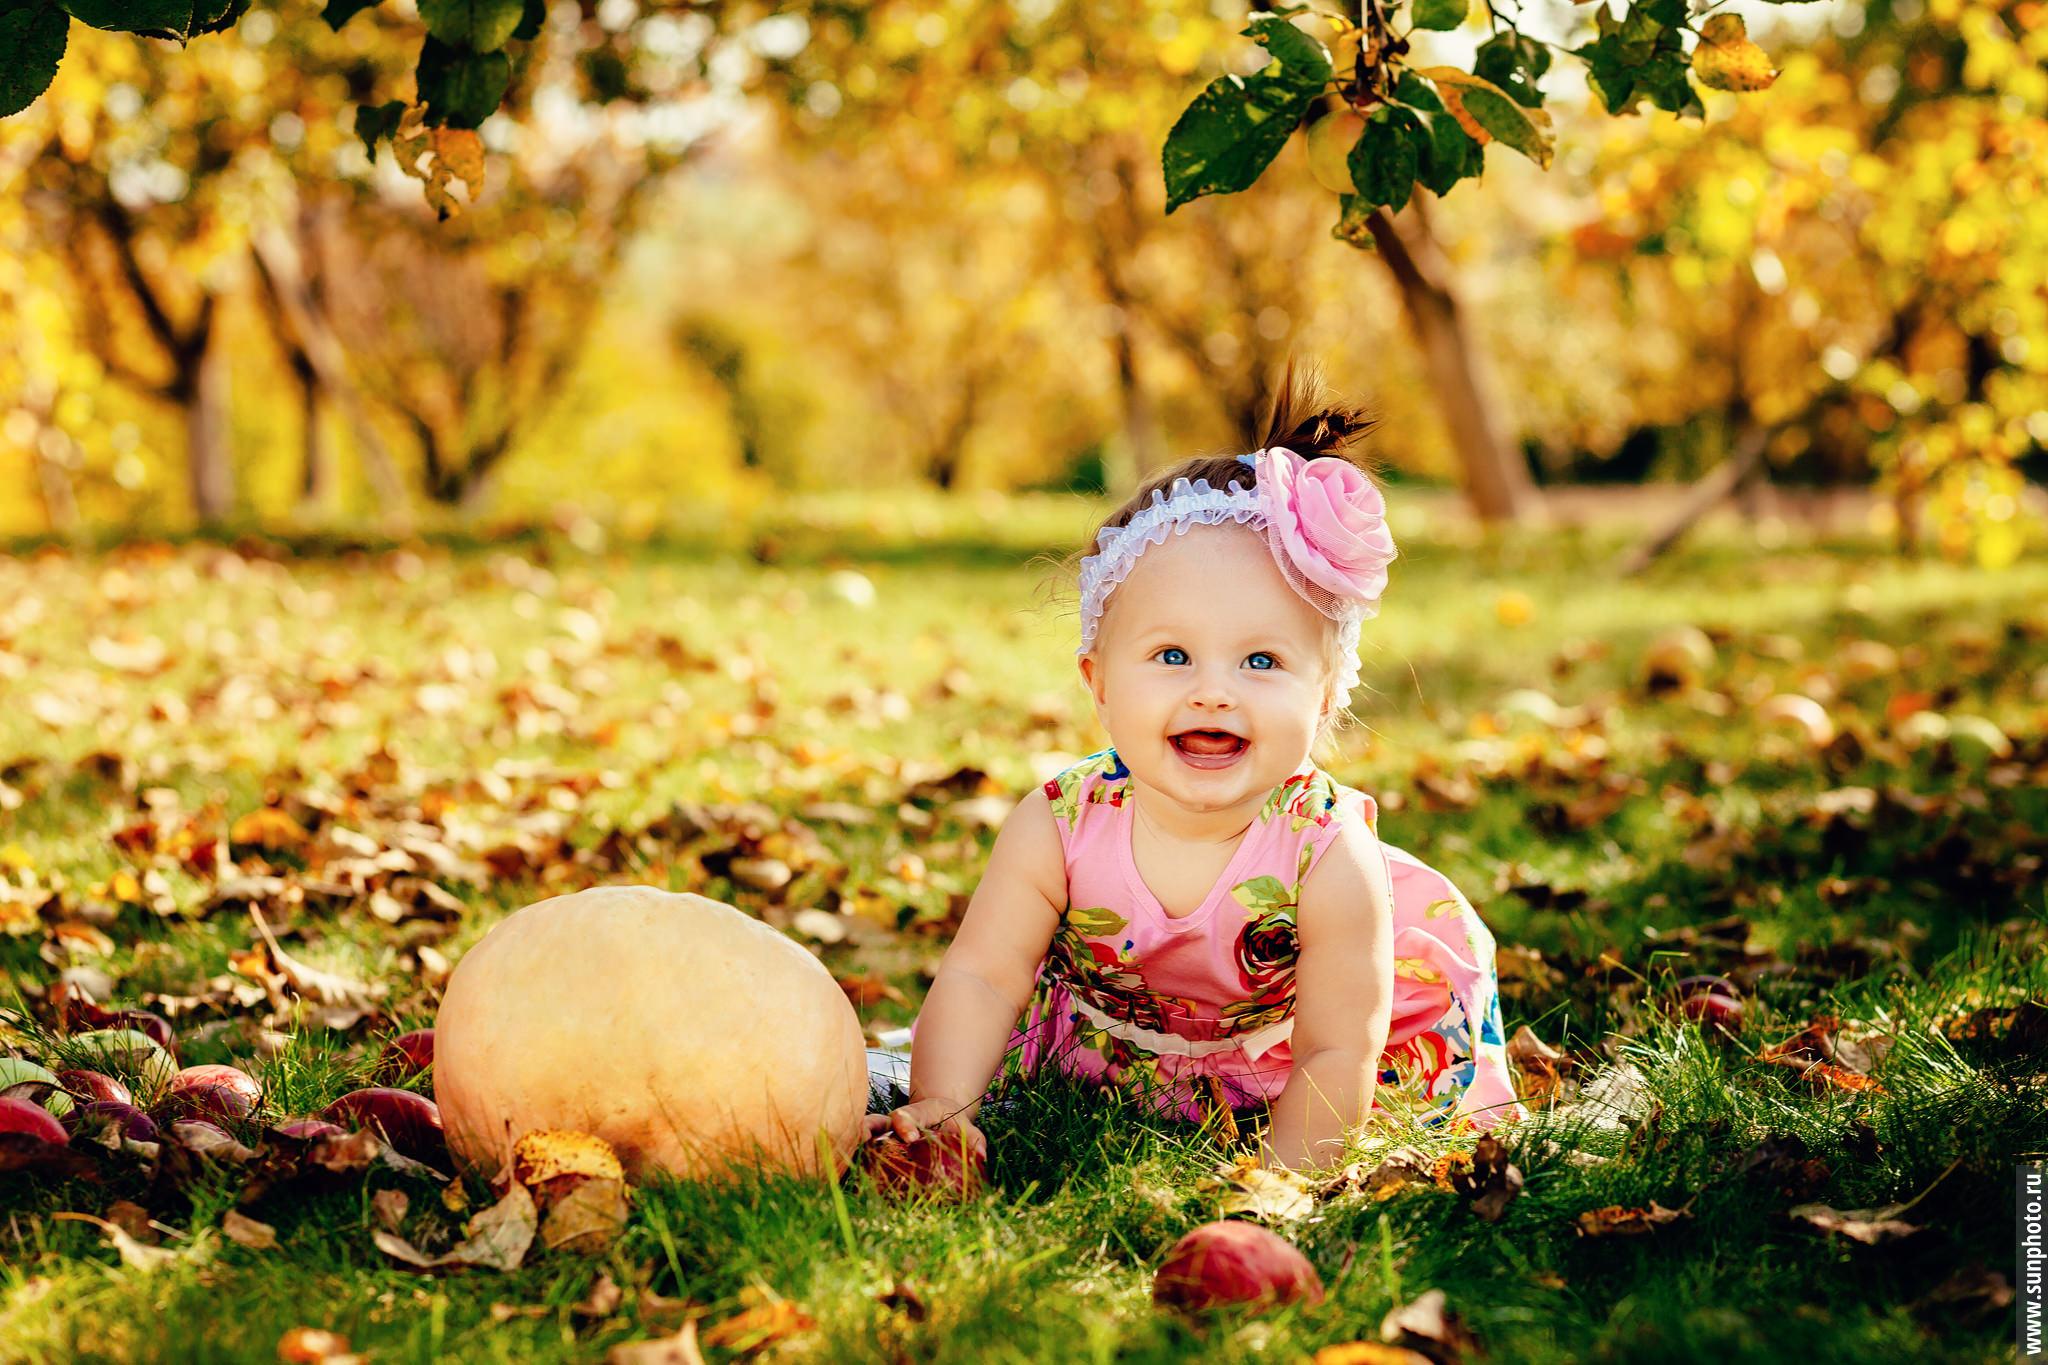 Фото маленькой девочки рядом с тыквой в яблоневом саду золотой осенью